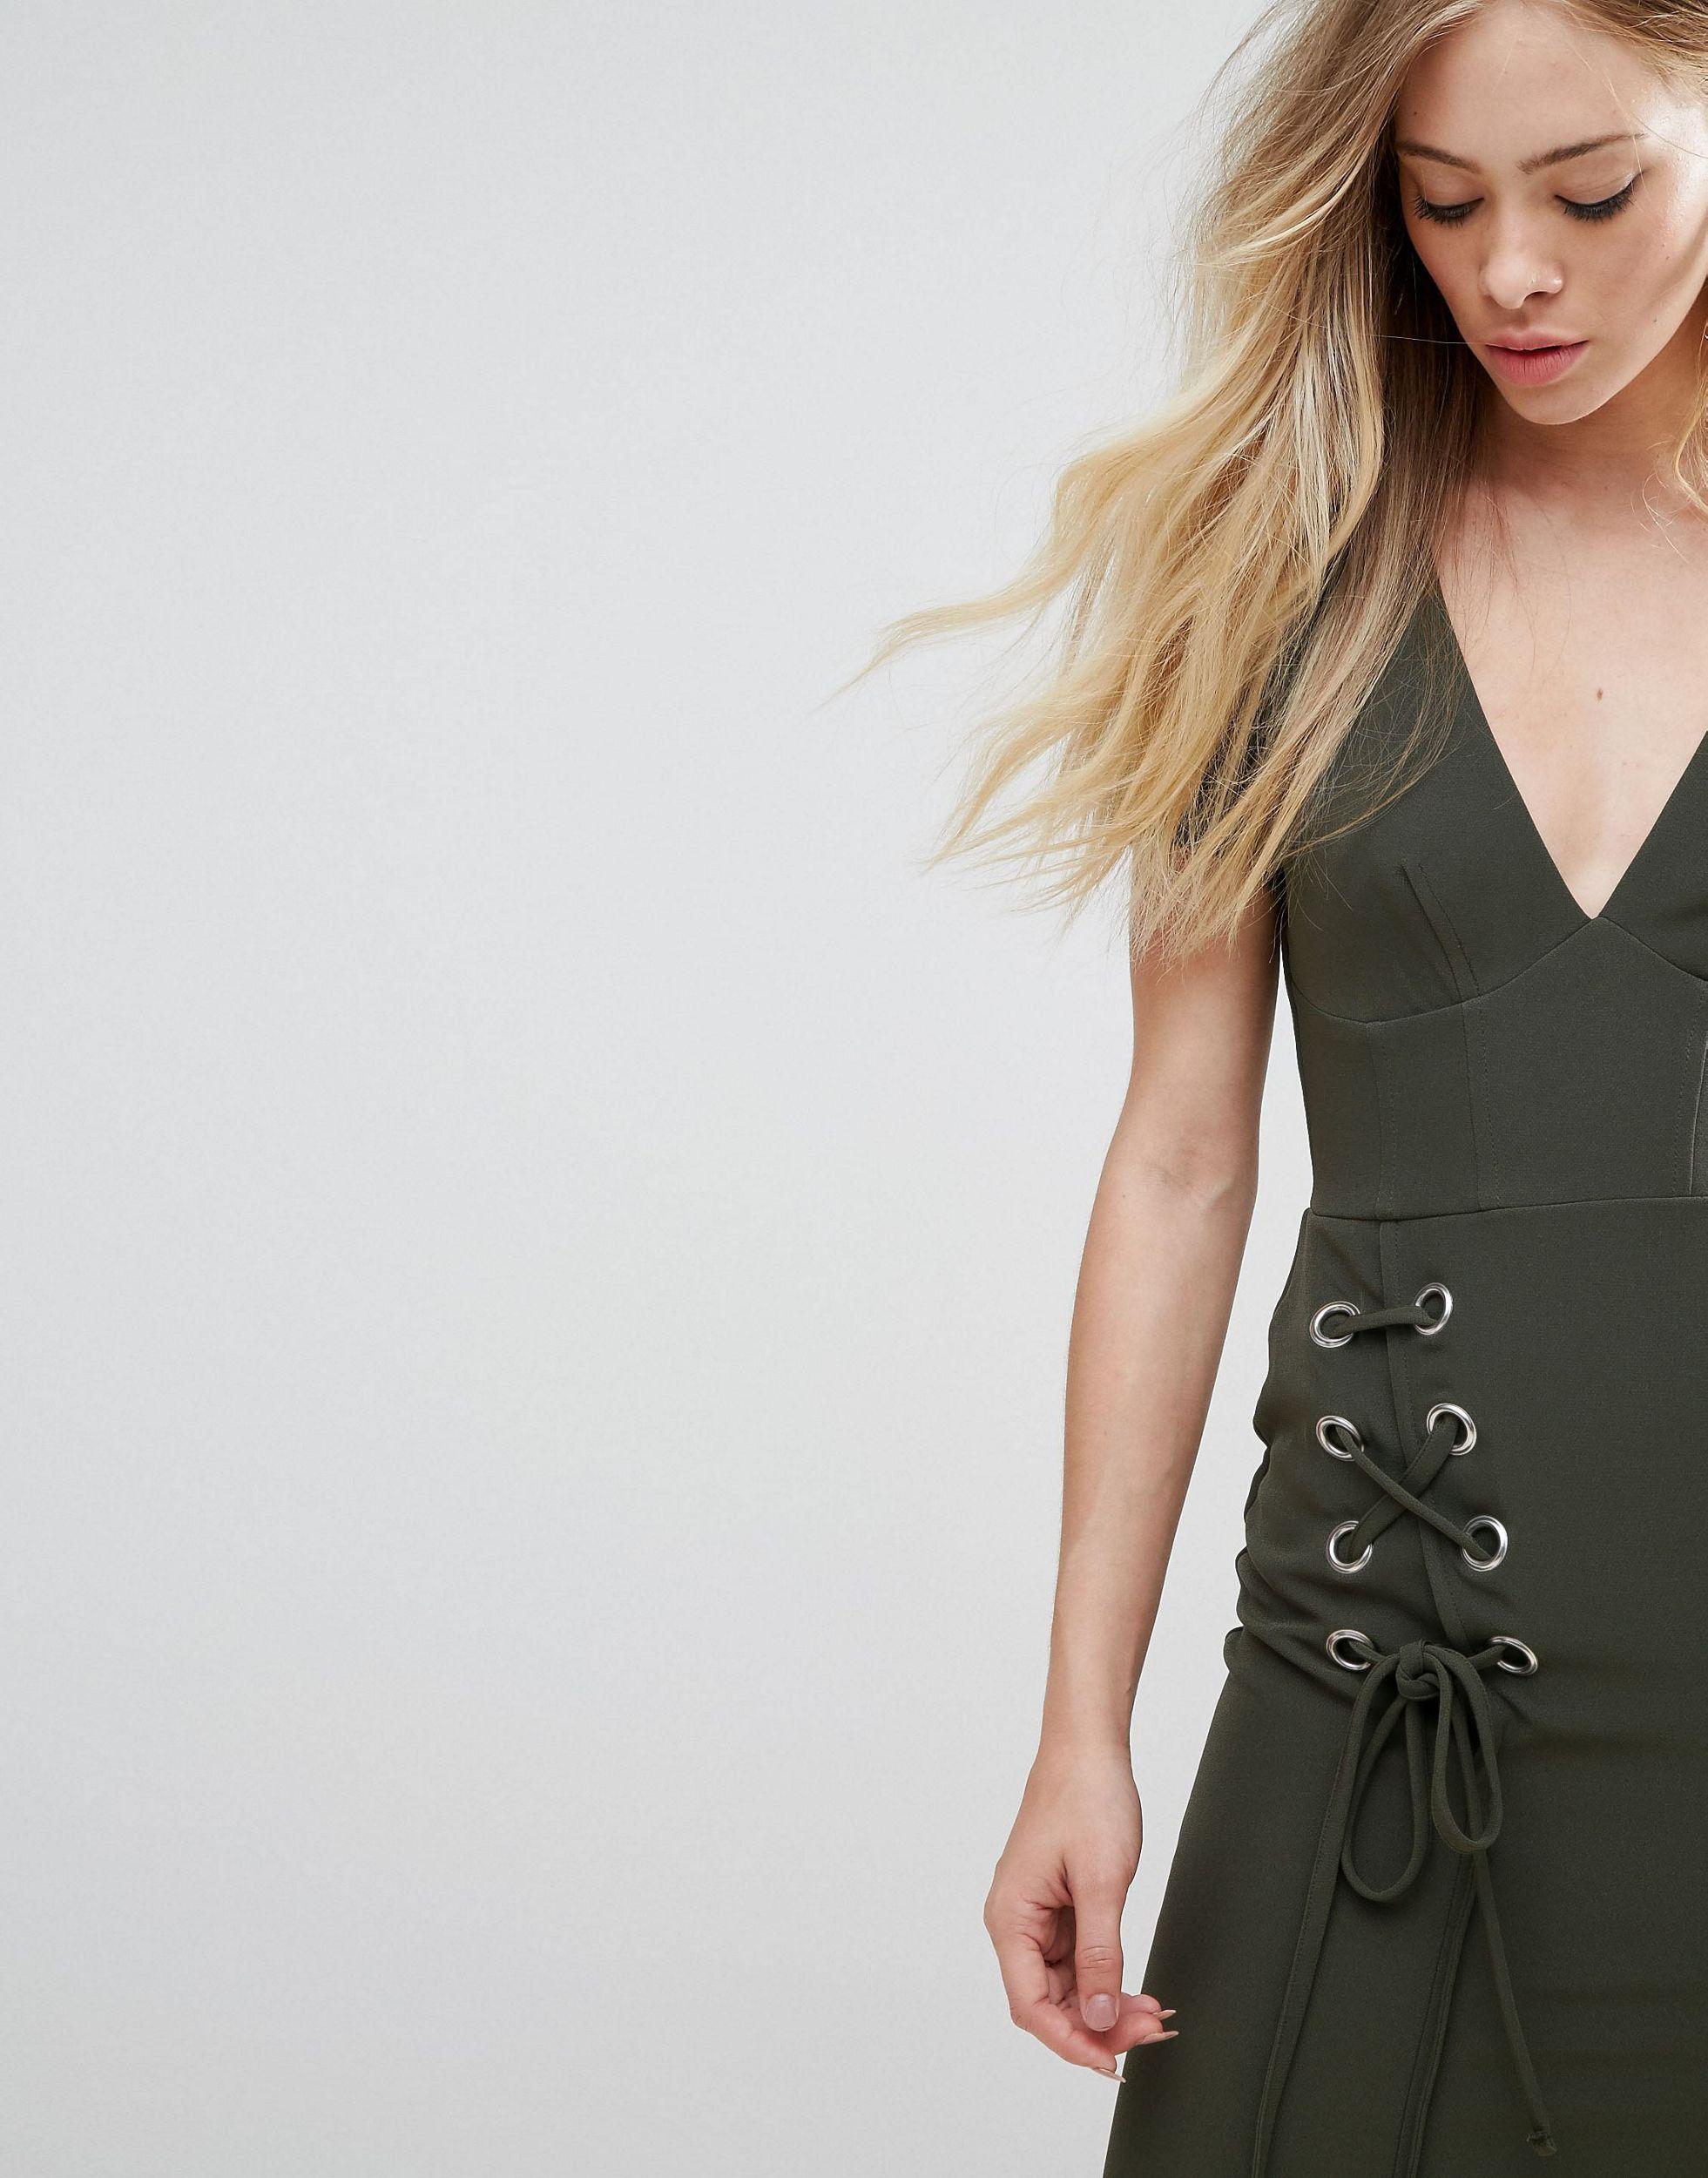 ASOS - Robe courte à lacets Synthétique ASOS en coloris Vert